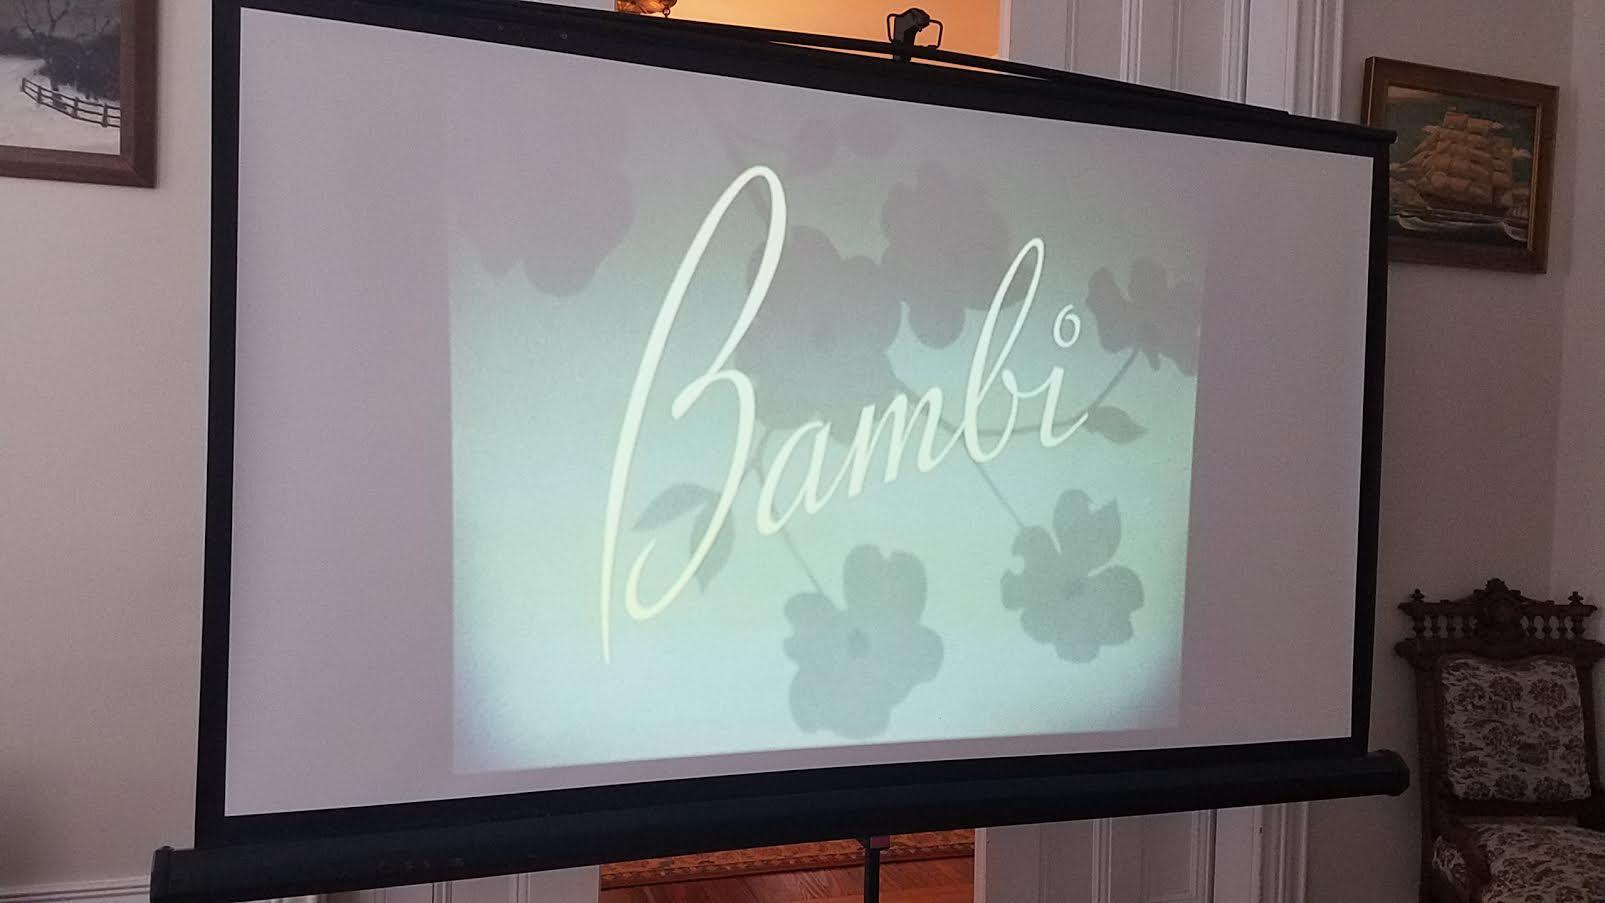 bambi movie night indoors